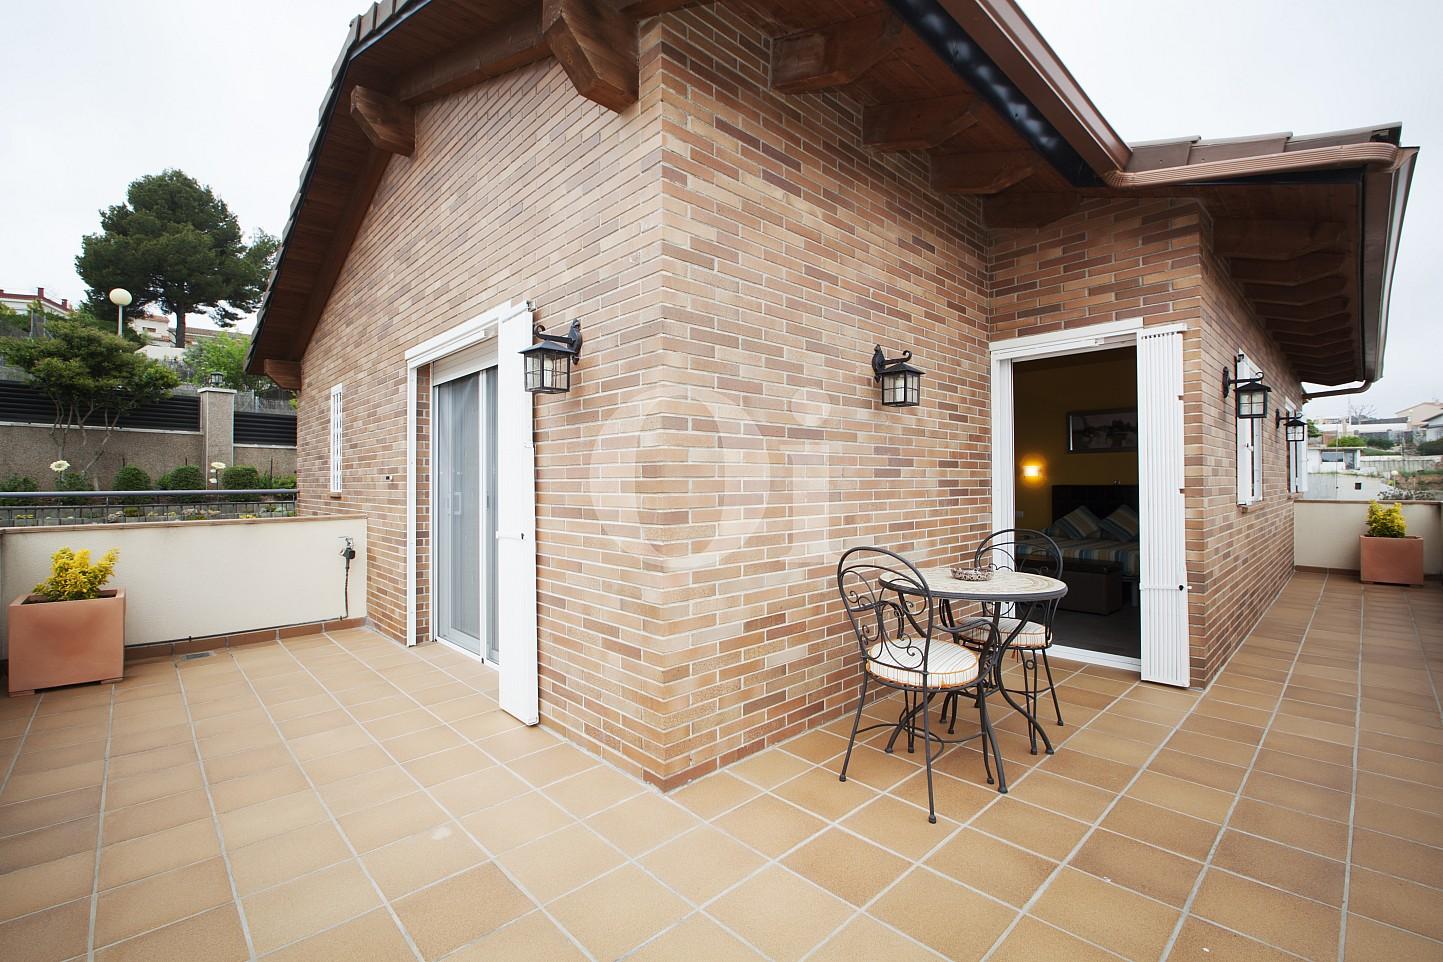 Blick auf die Veranda vom Haus zum Verkauf, Segur de Calafell